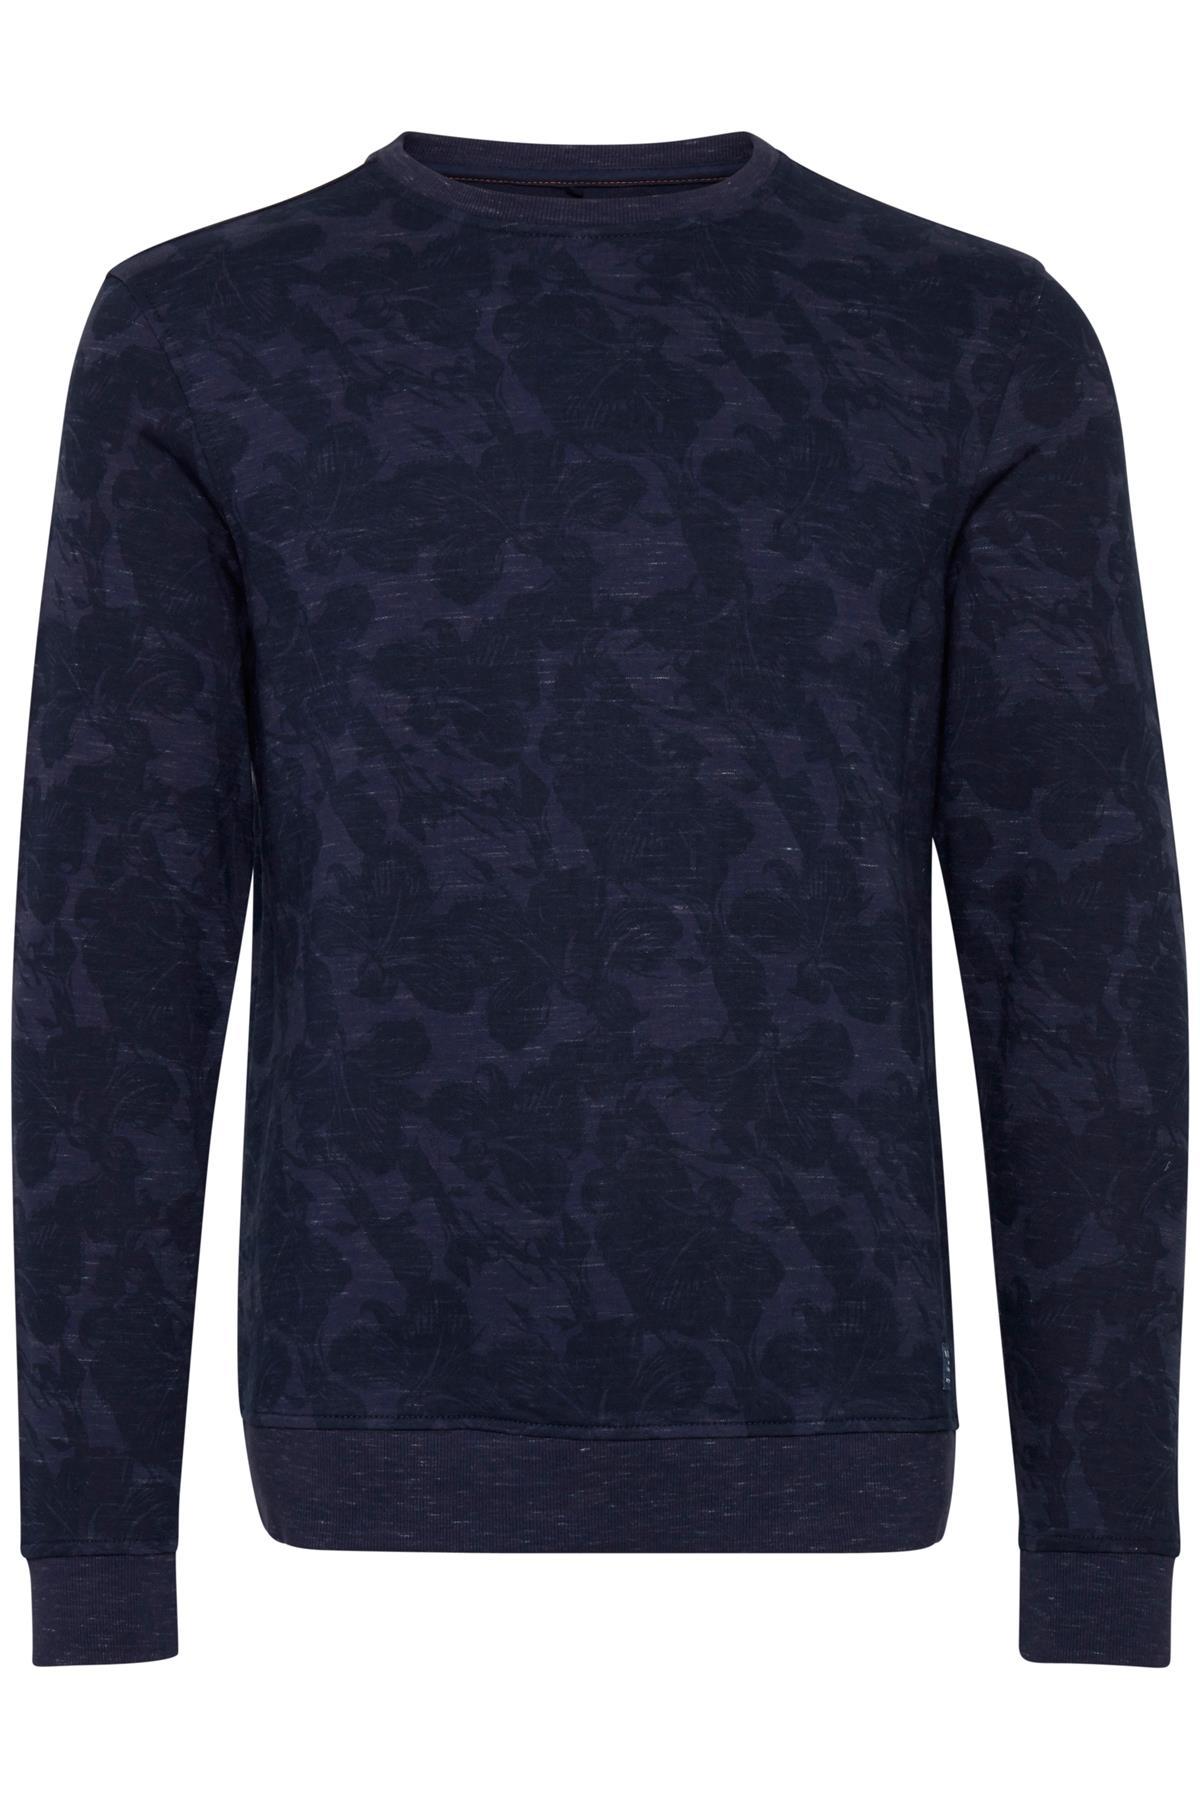 Sweatshirt fra Blend He – Køb  Sweatshirt fra str. S-XXL her